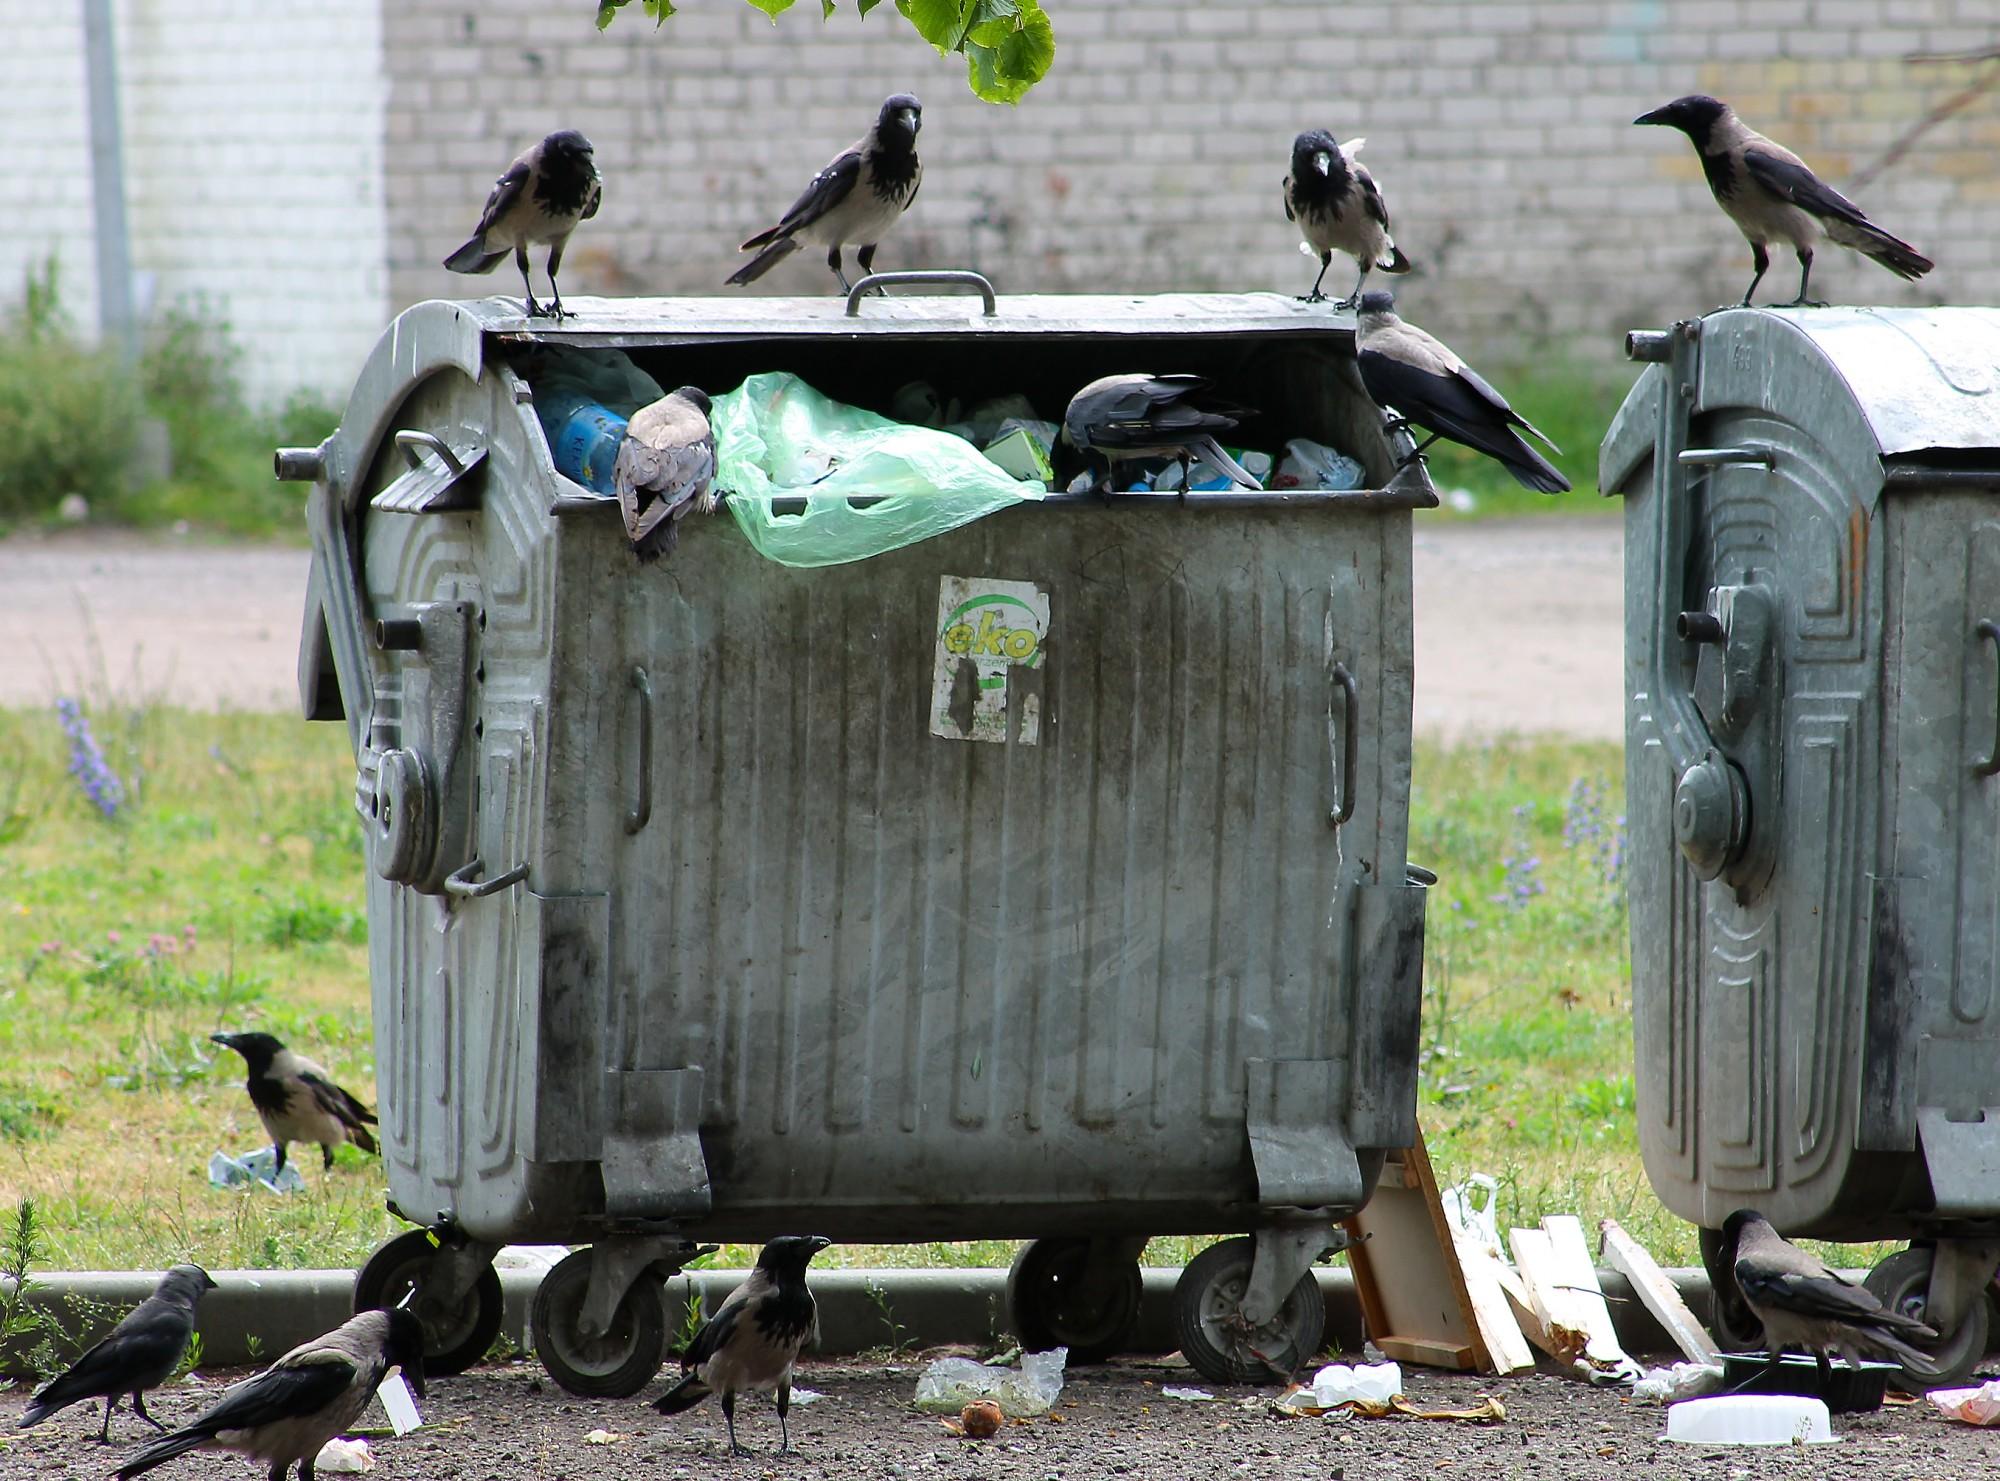 Atkritumu apsaimniekotāji: Rosinātie grozījumi skartu tikai četras pilsētas Latvijā